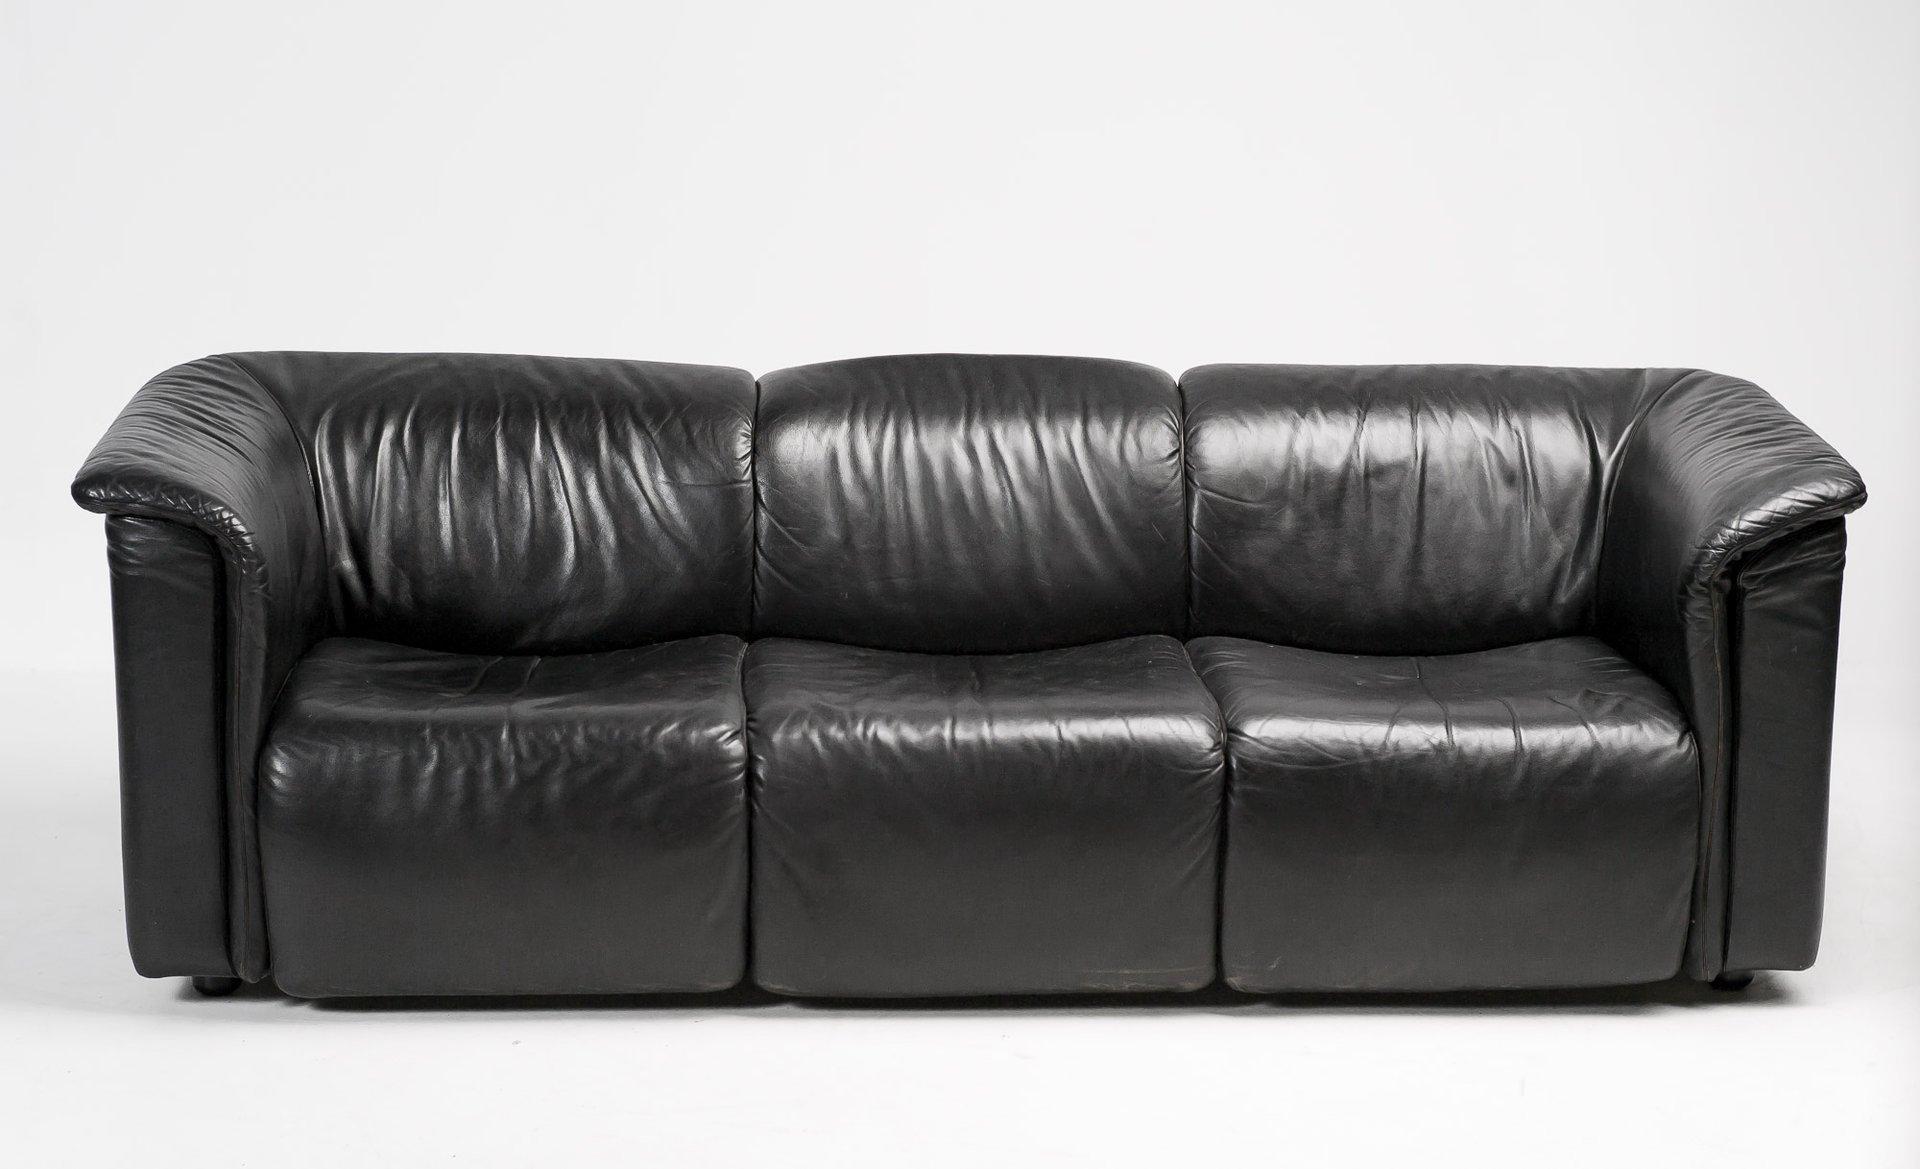 Wittmann 2 3 Sitzer Sofas Online Kaufen Möbel Suchmaschine